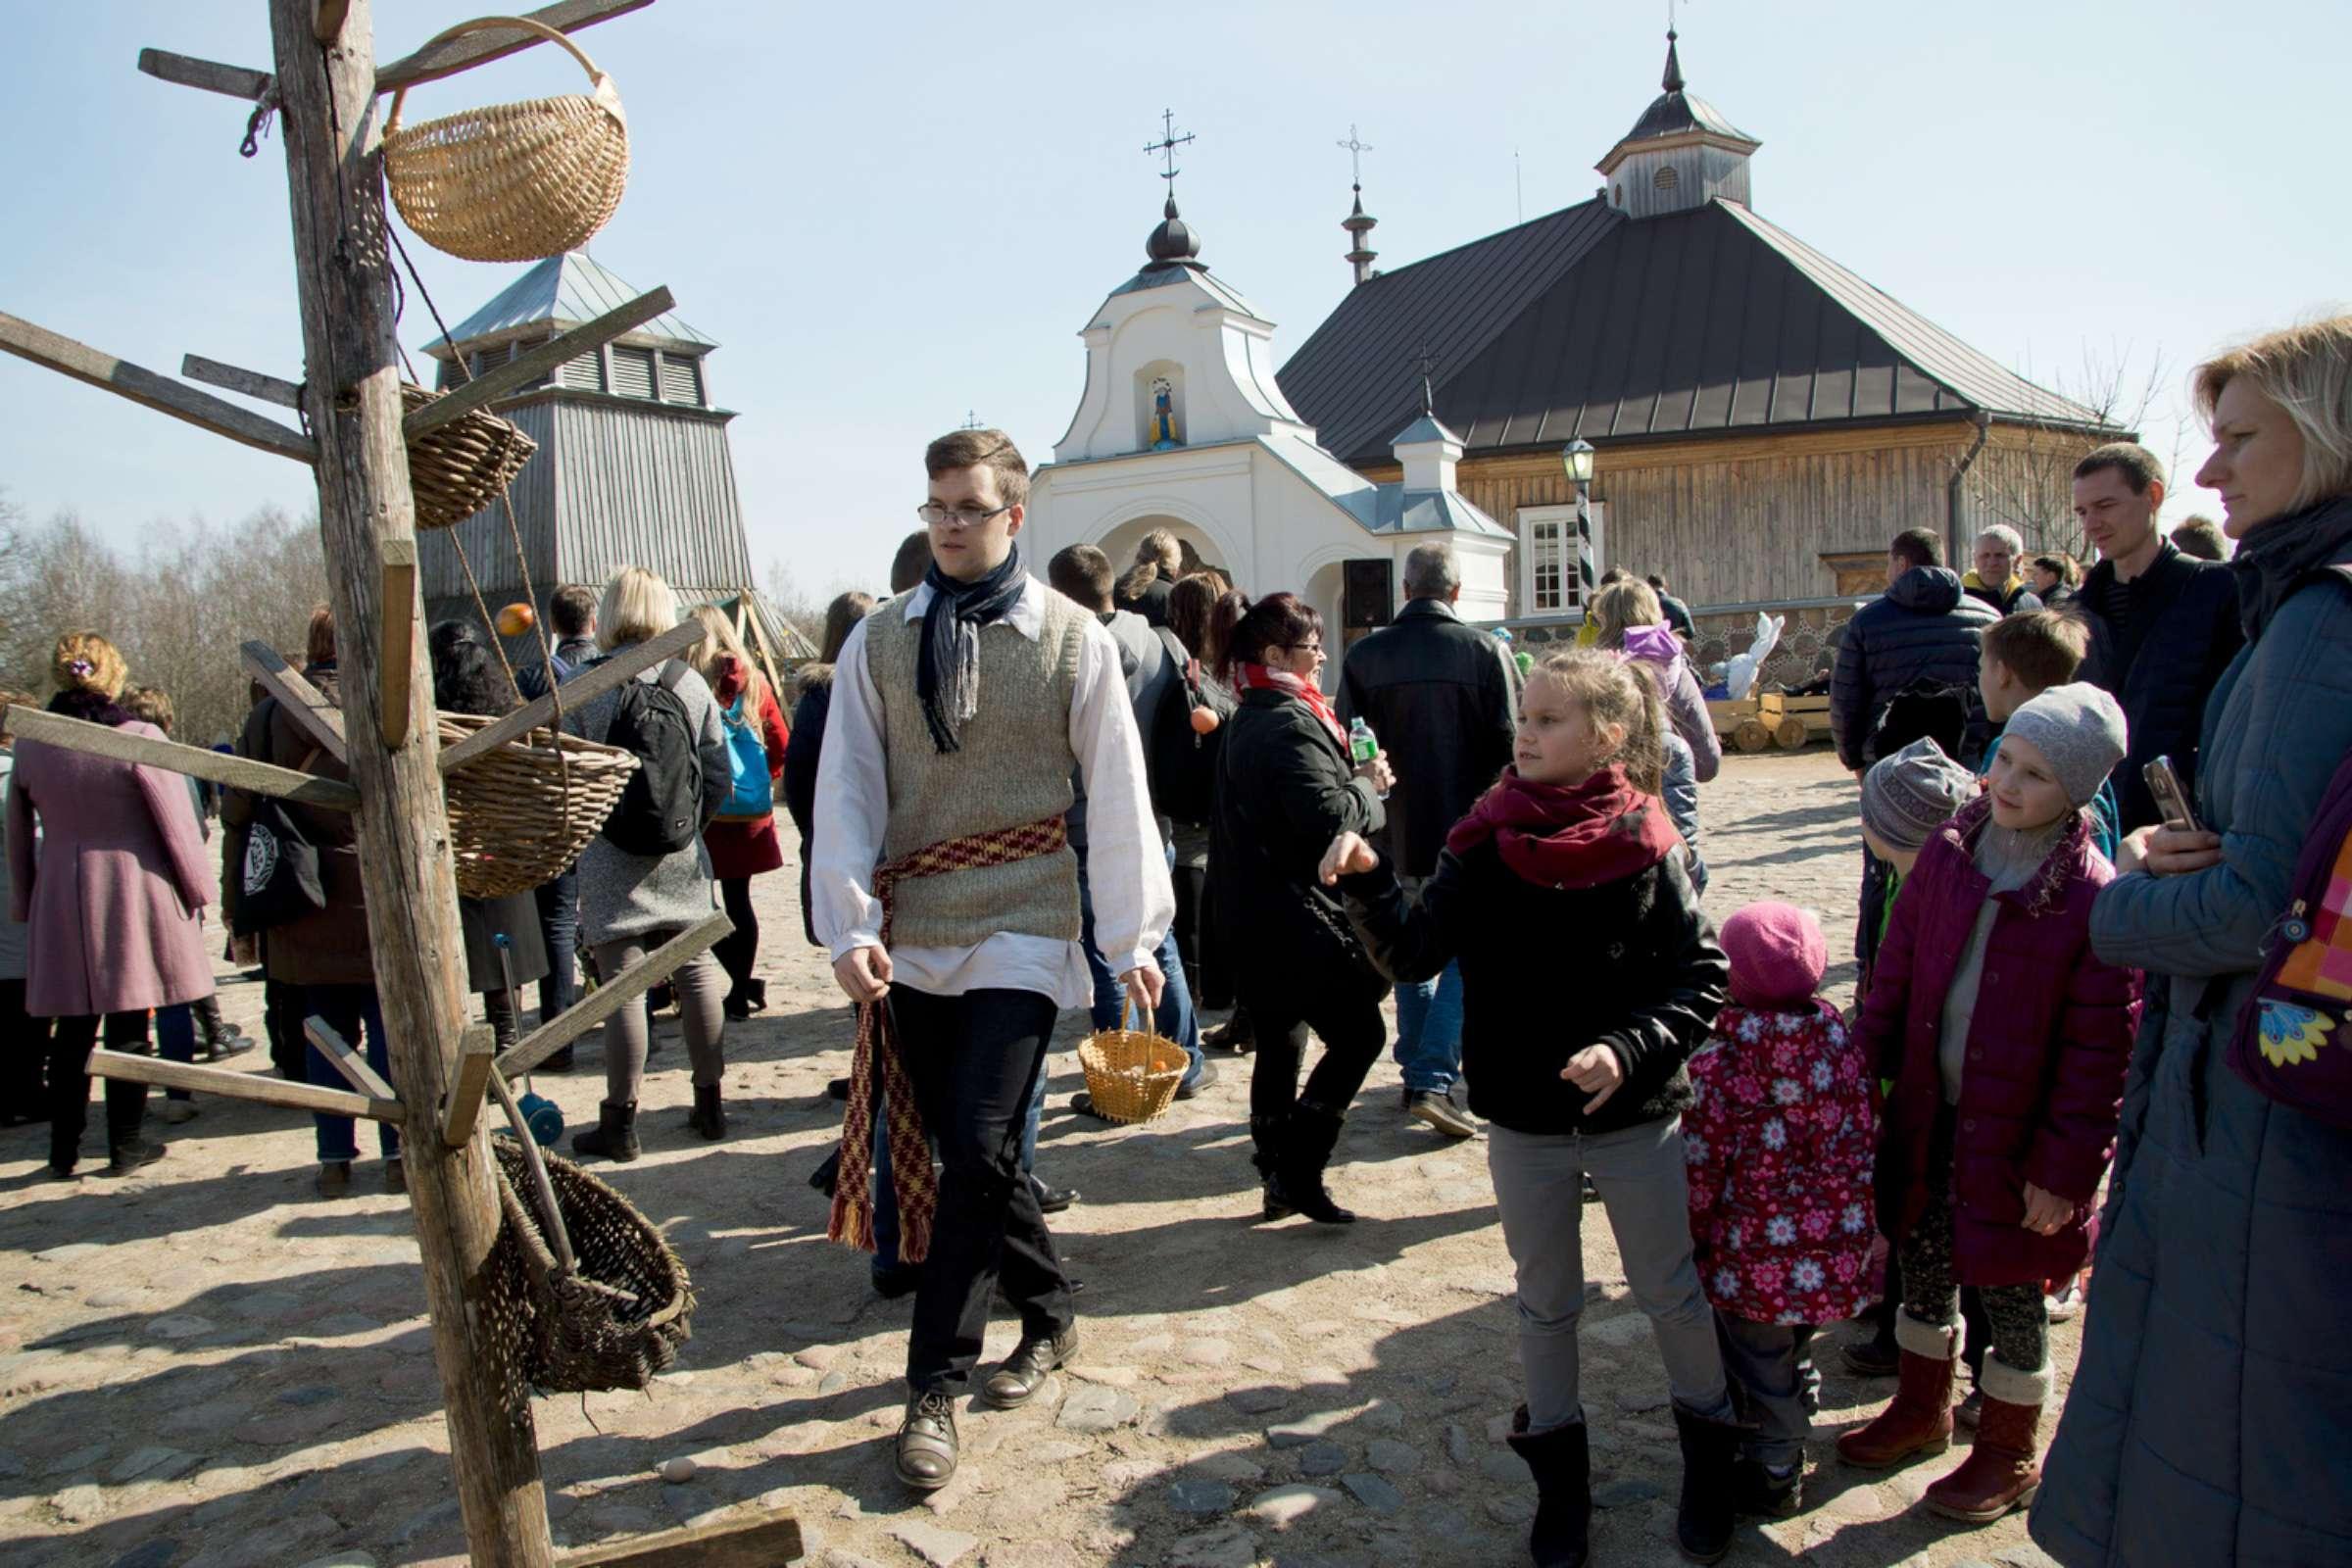 Lietuvos liaudies buities muziejus kviečia kartu švęsti Velykas | LLBM nuotr.